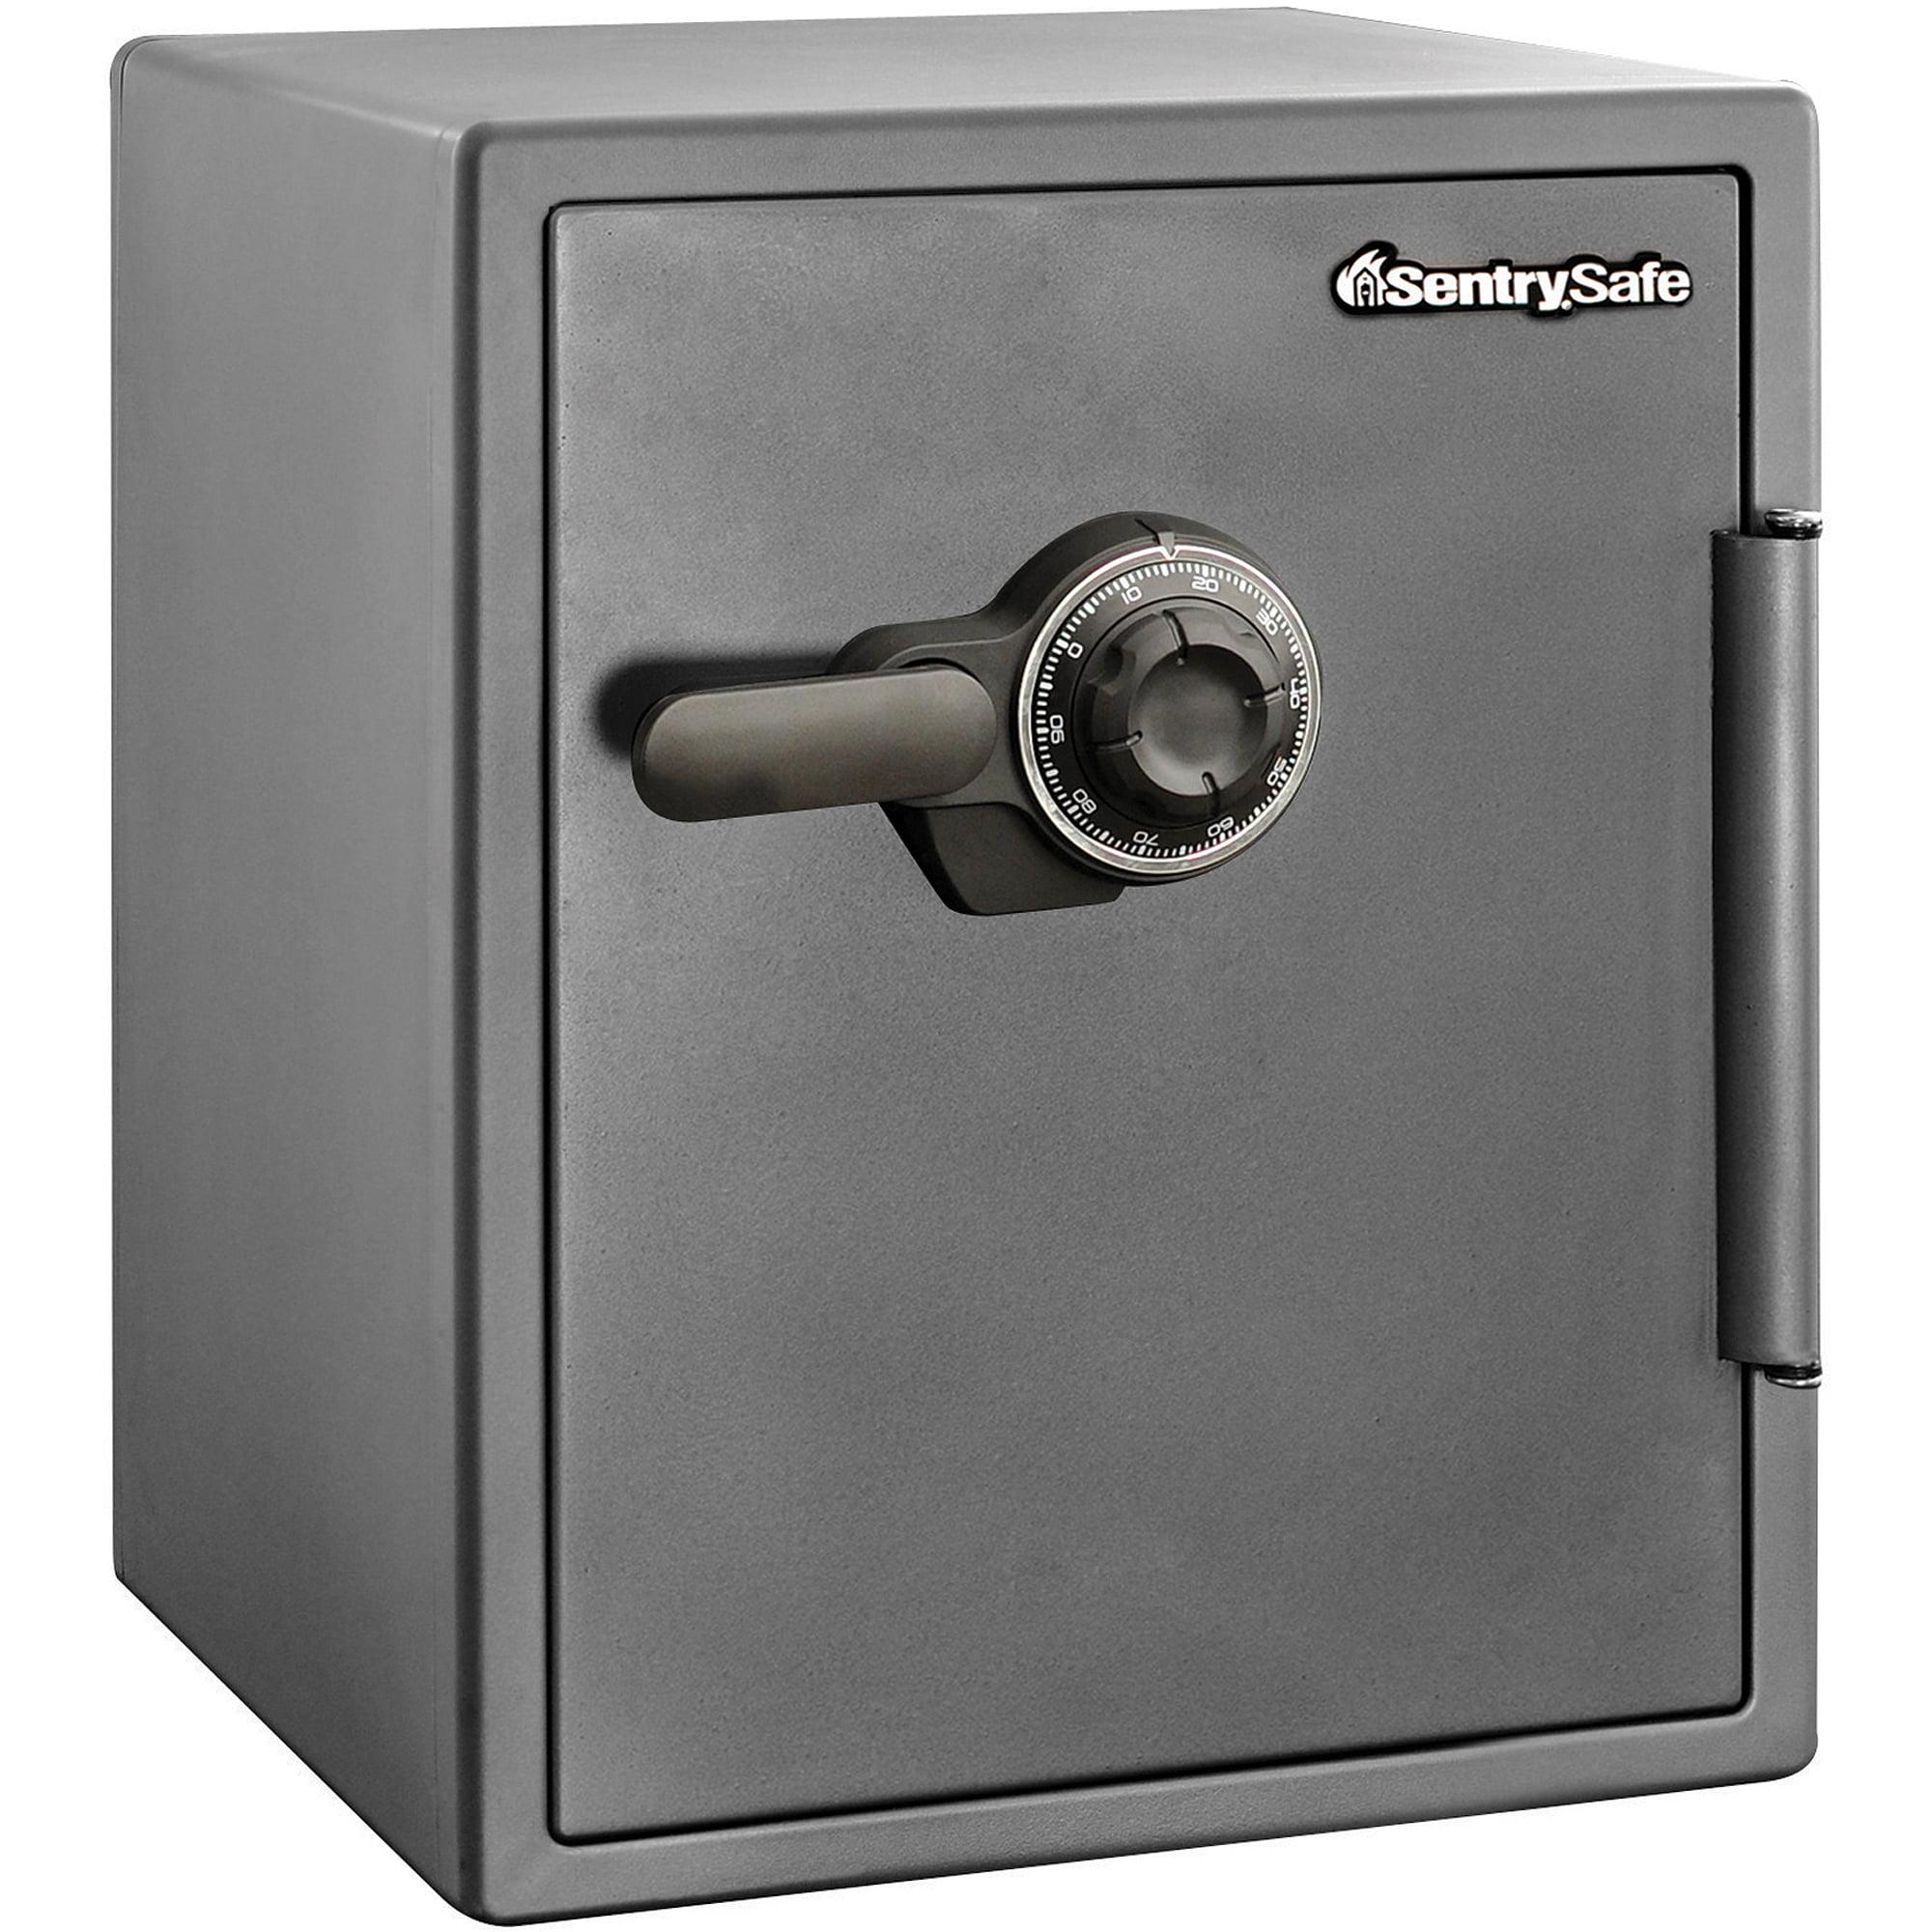 SentrySafe SF205CV Combination Fire Security Safe, 2 cu. ft